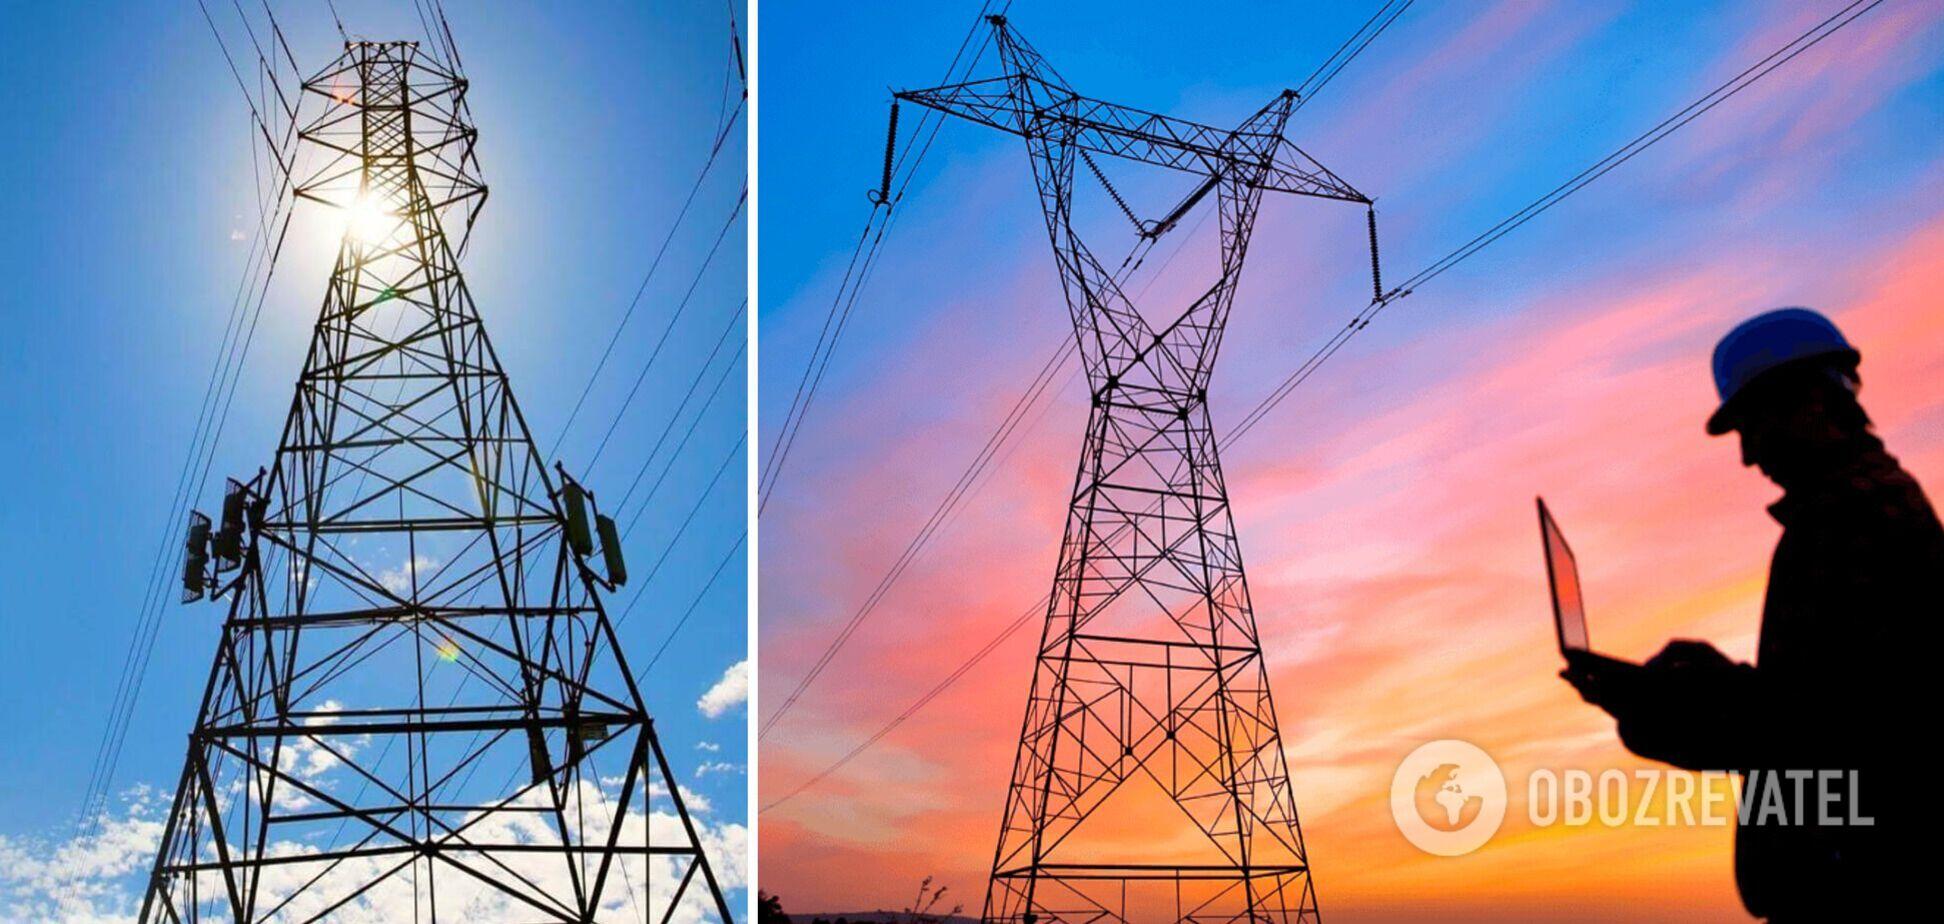 Уменьшение инвестиций в ремонт электросетей ставит под угрозу работу энергосистемы – письмо облэнерго к Зеленскому